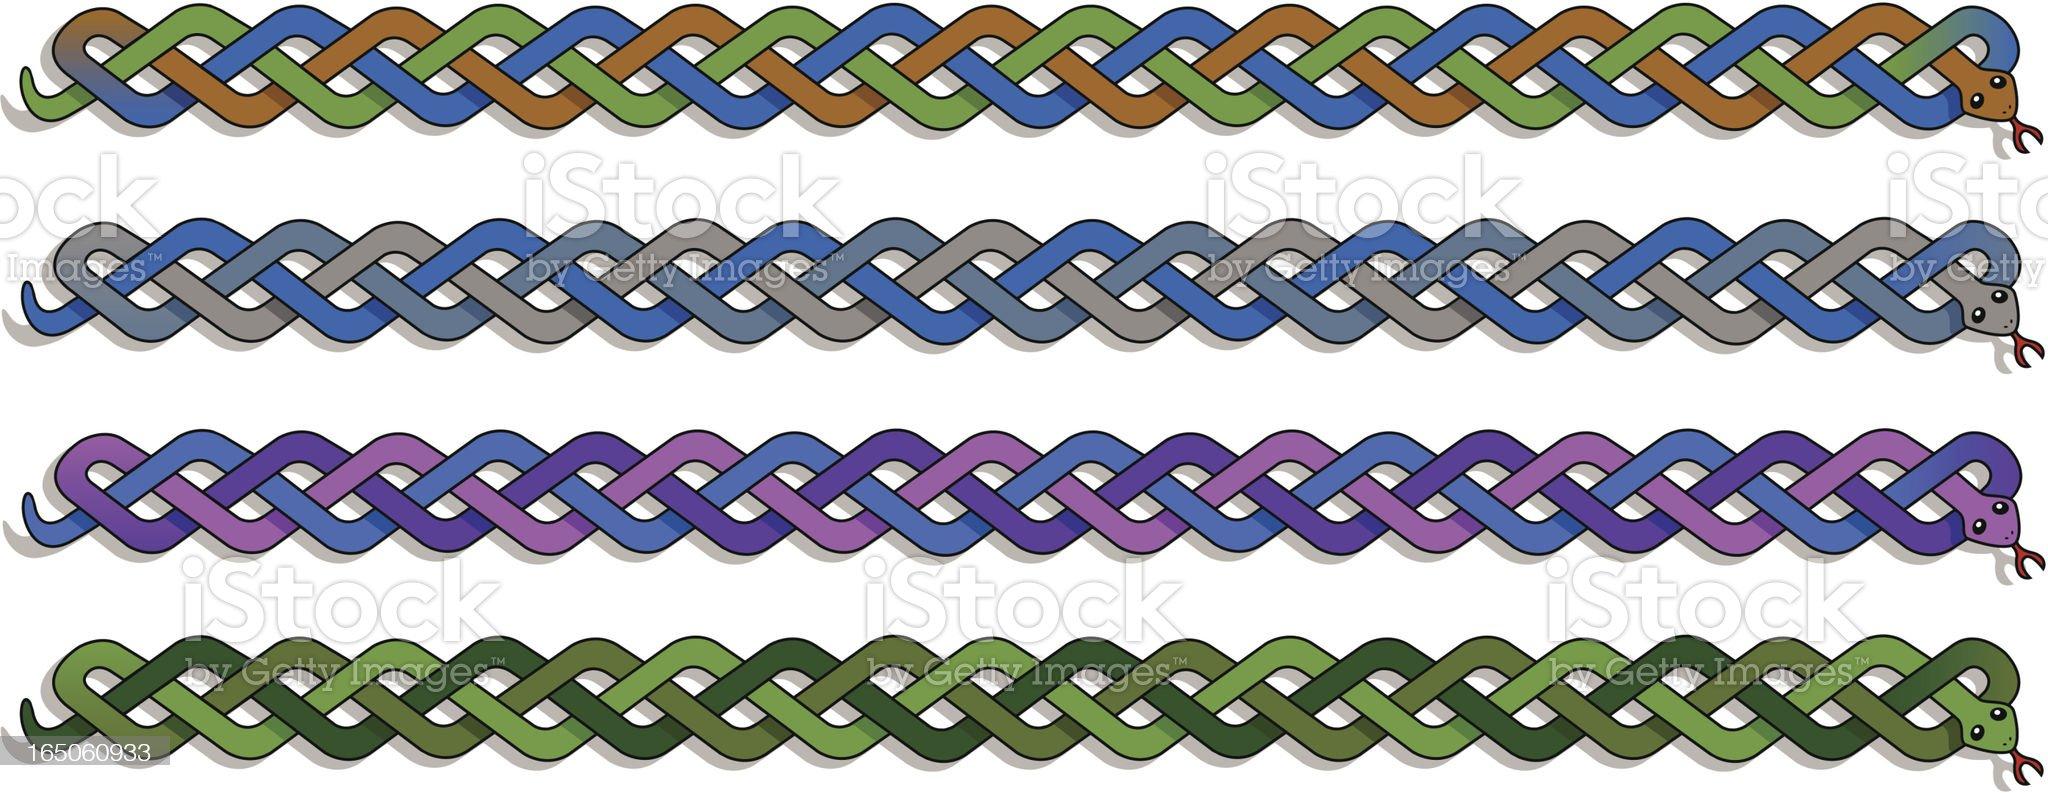 Celtic Snake royalty-free stock vector art